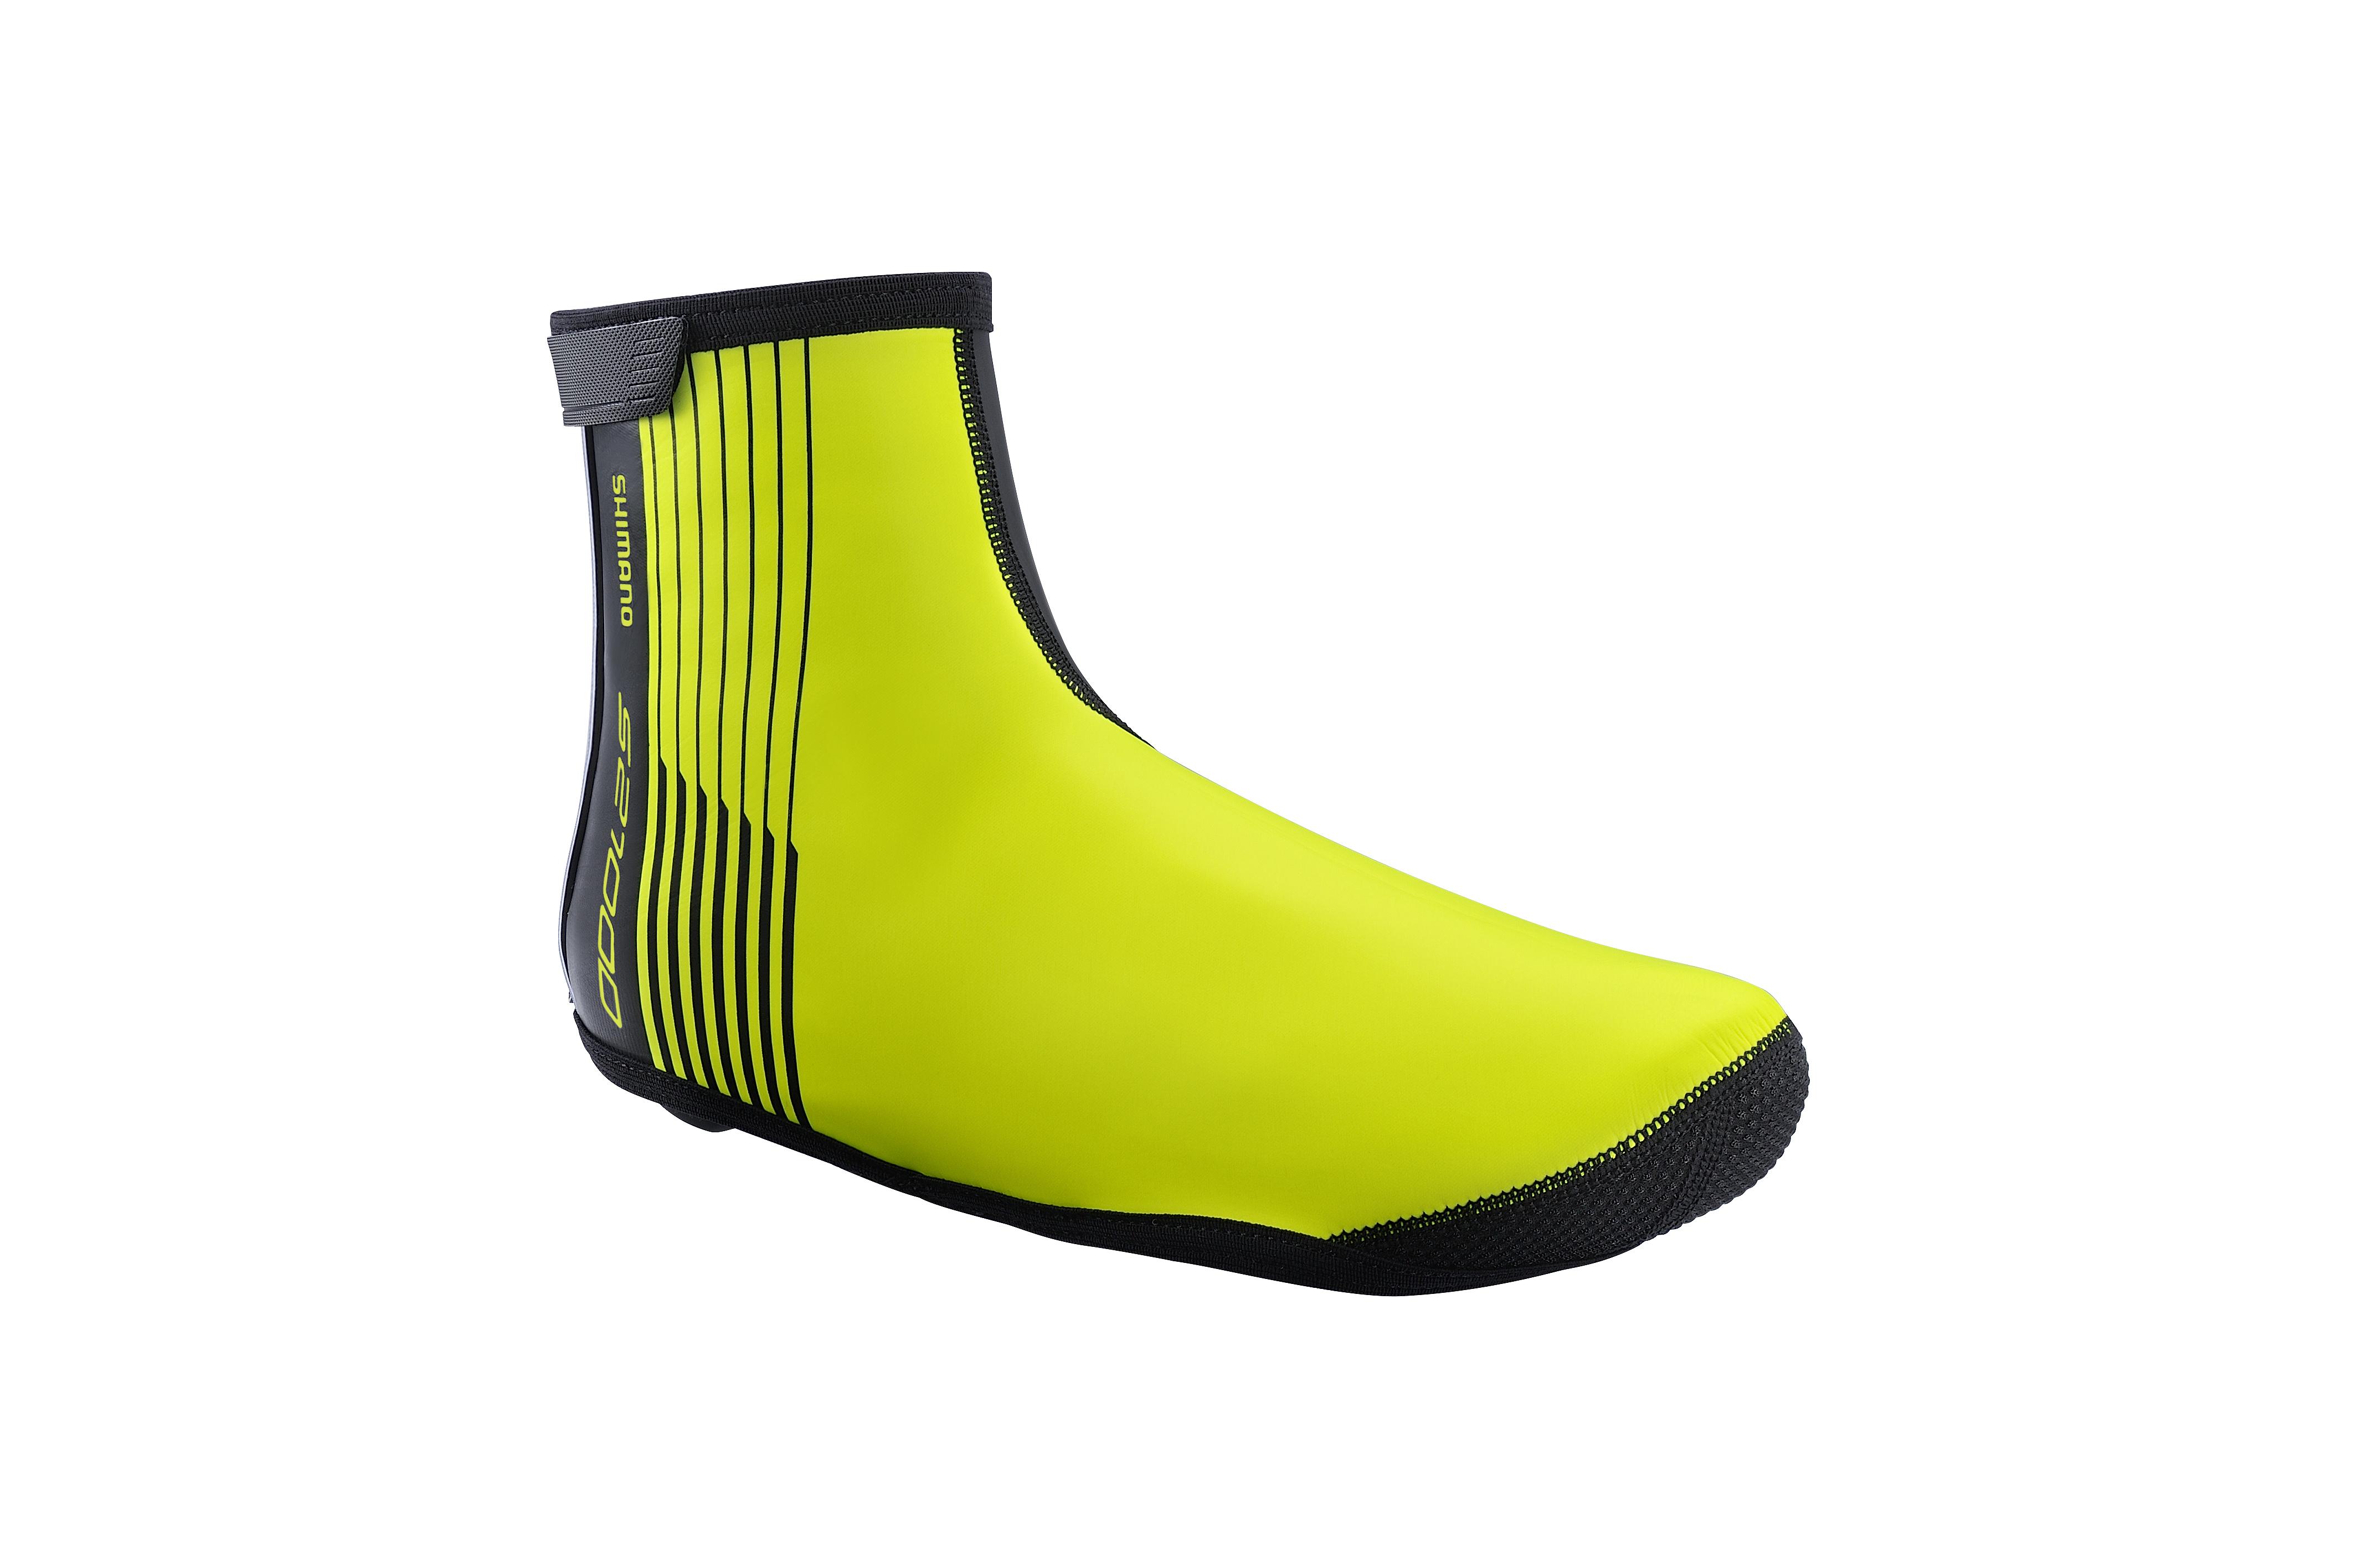 SHIMANO S2100D návleky na obuv, Neon žlutá, L